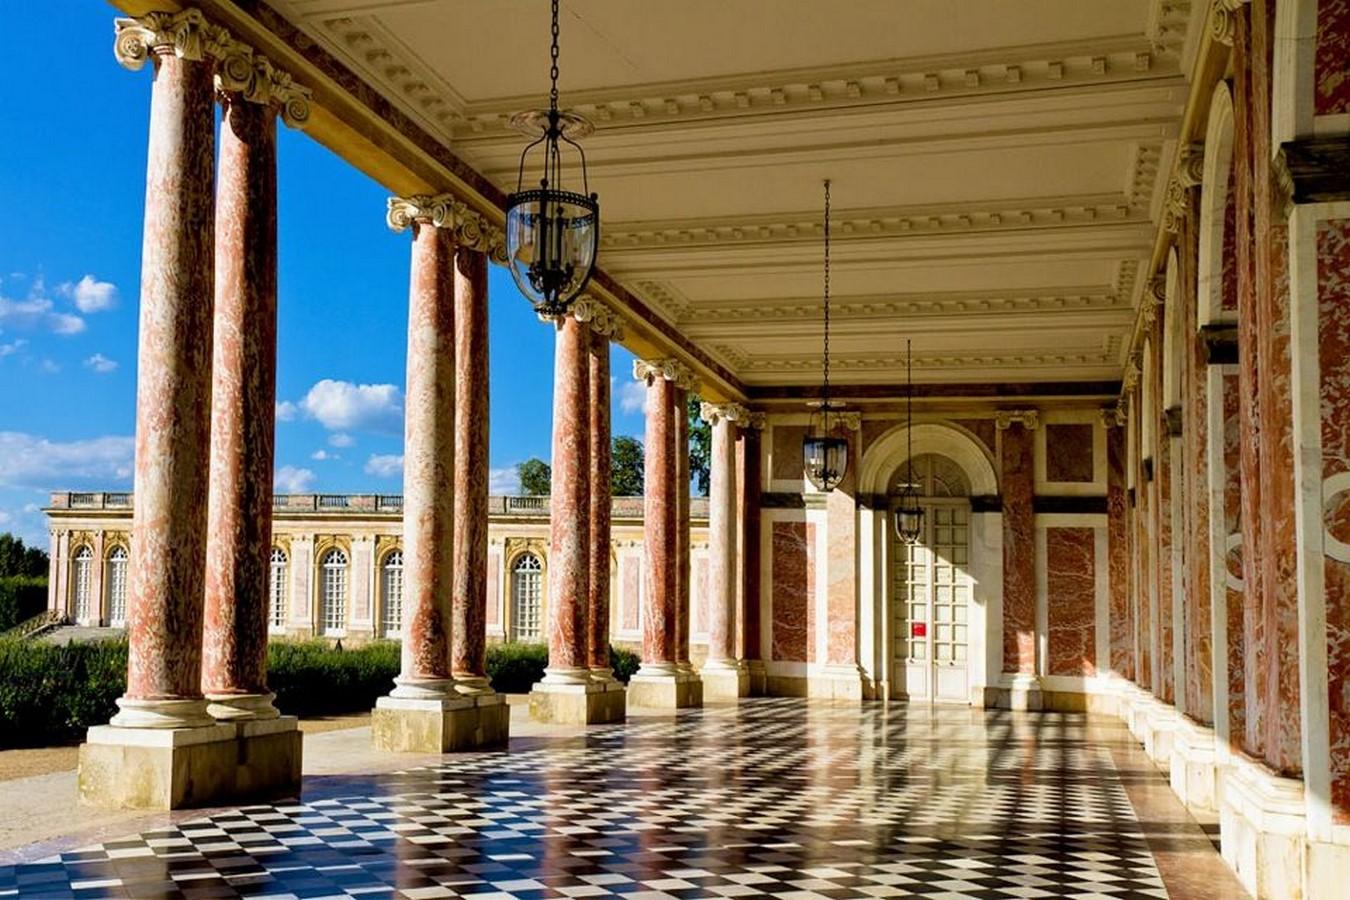 The Grand Trianon - Sheet2